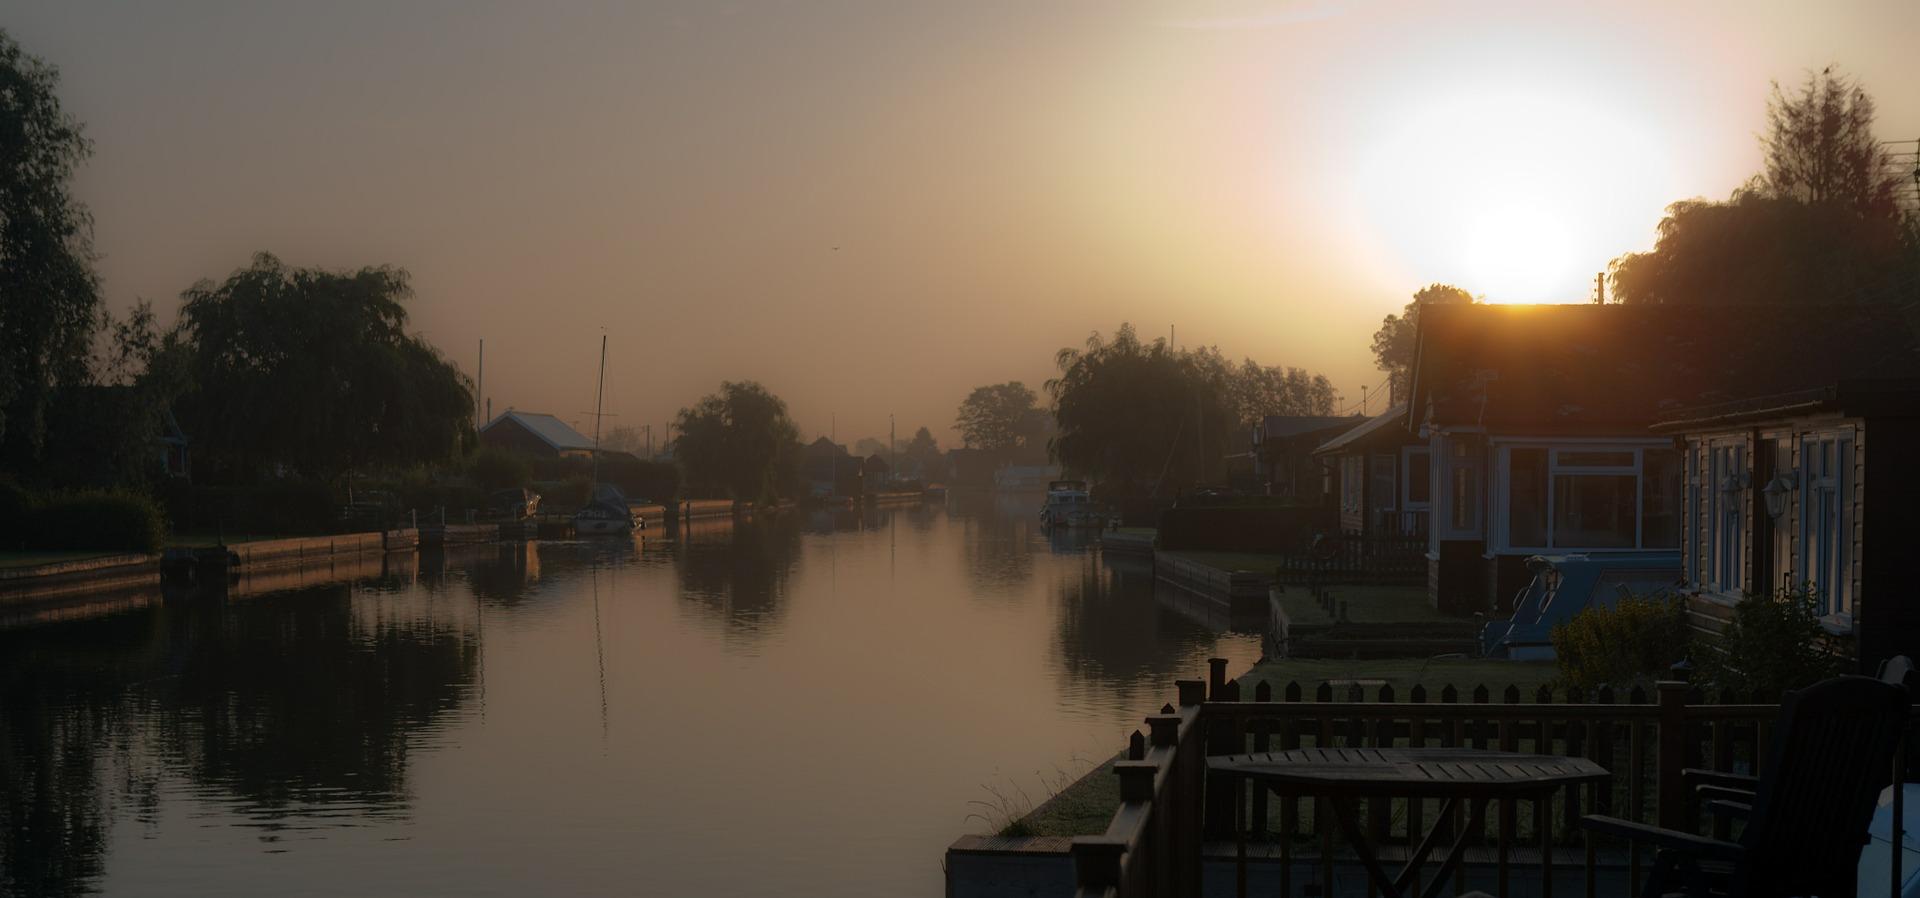 Atmospheric Norfolk Broads © RonPorter   pixabay.com